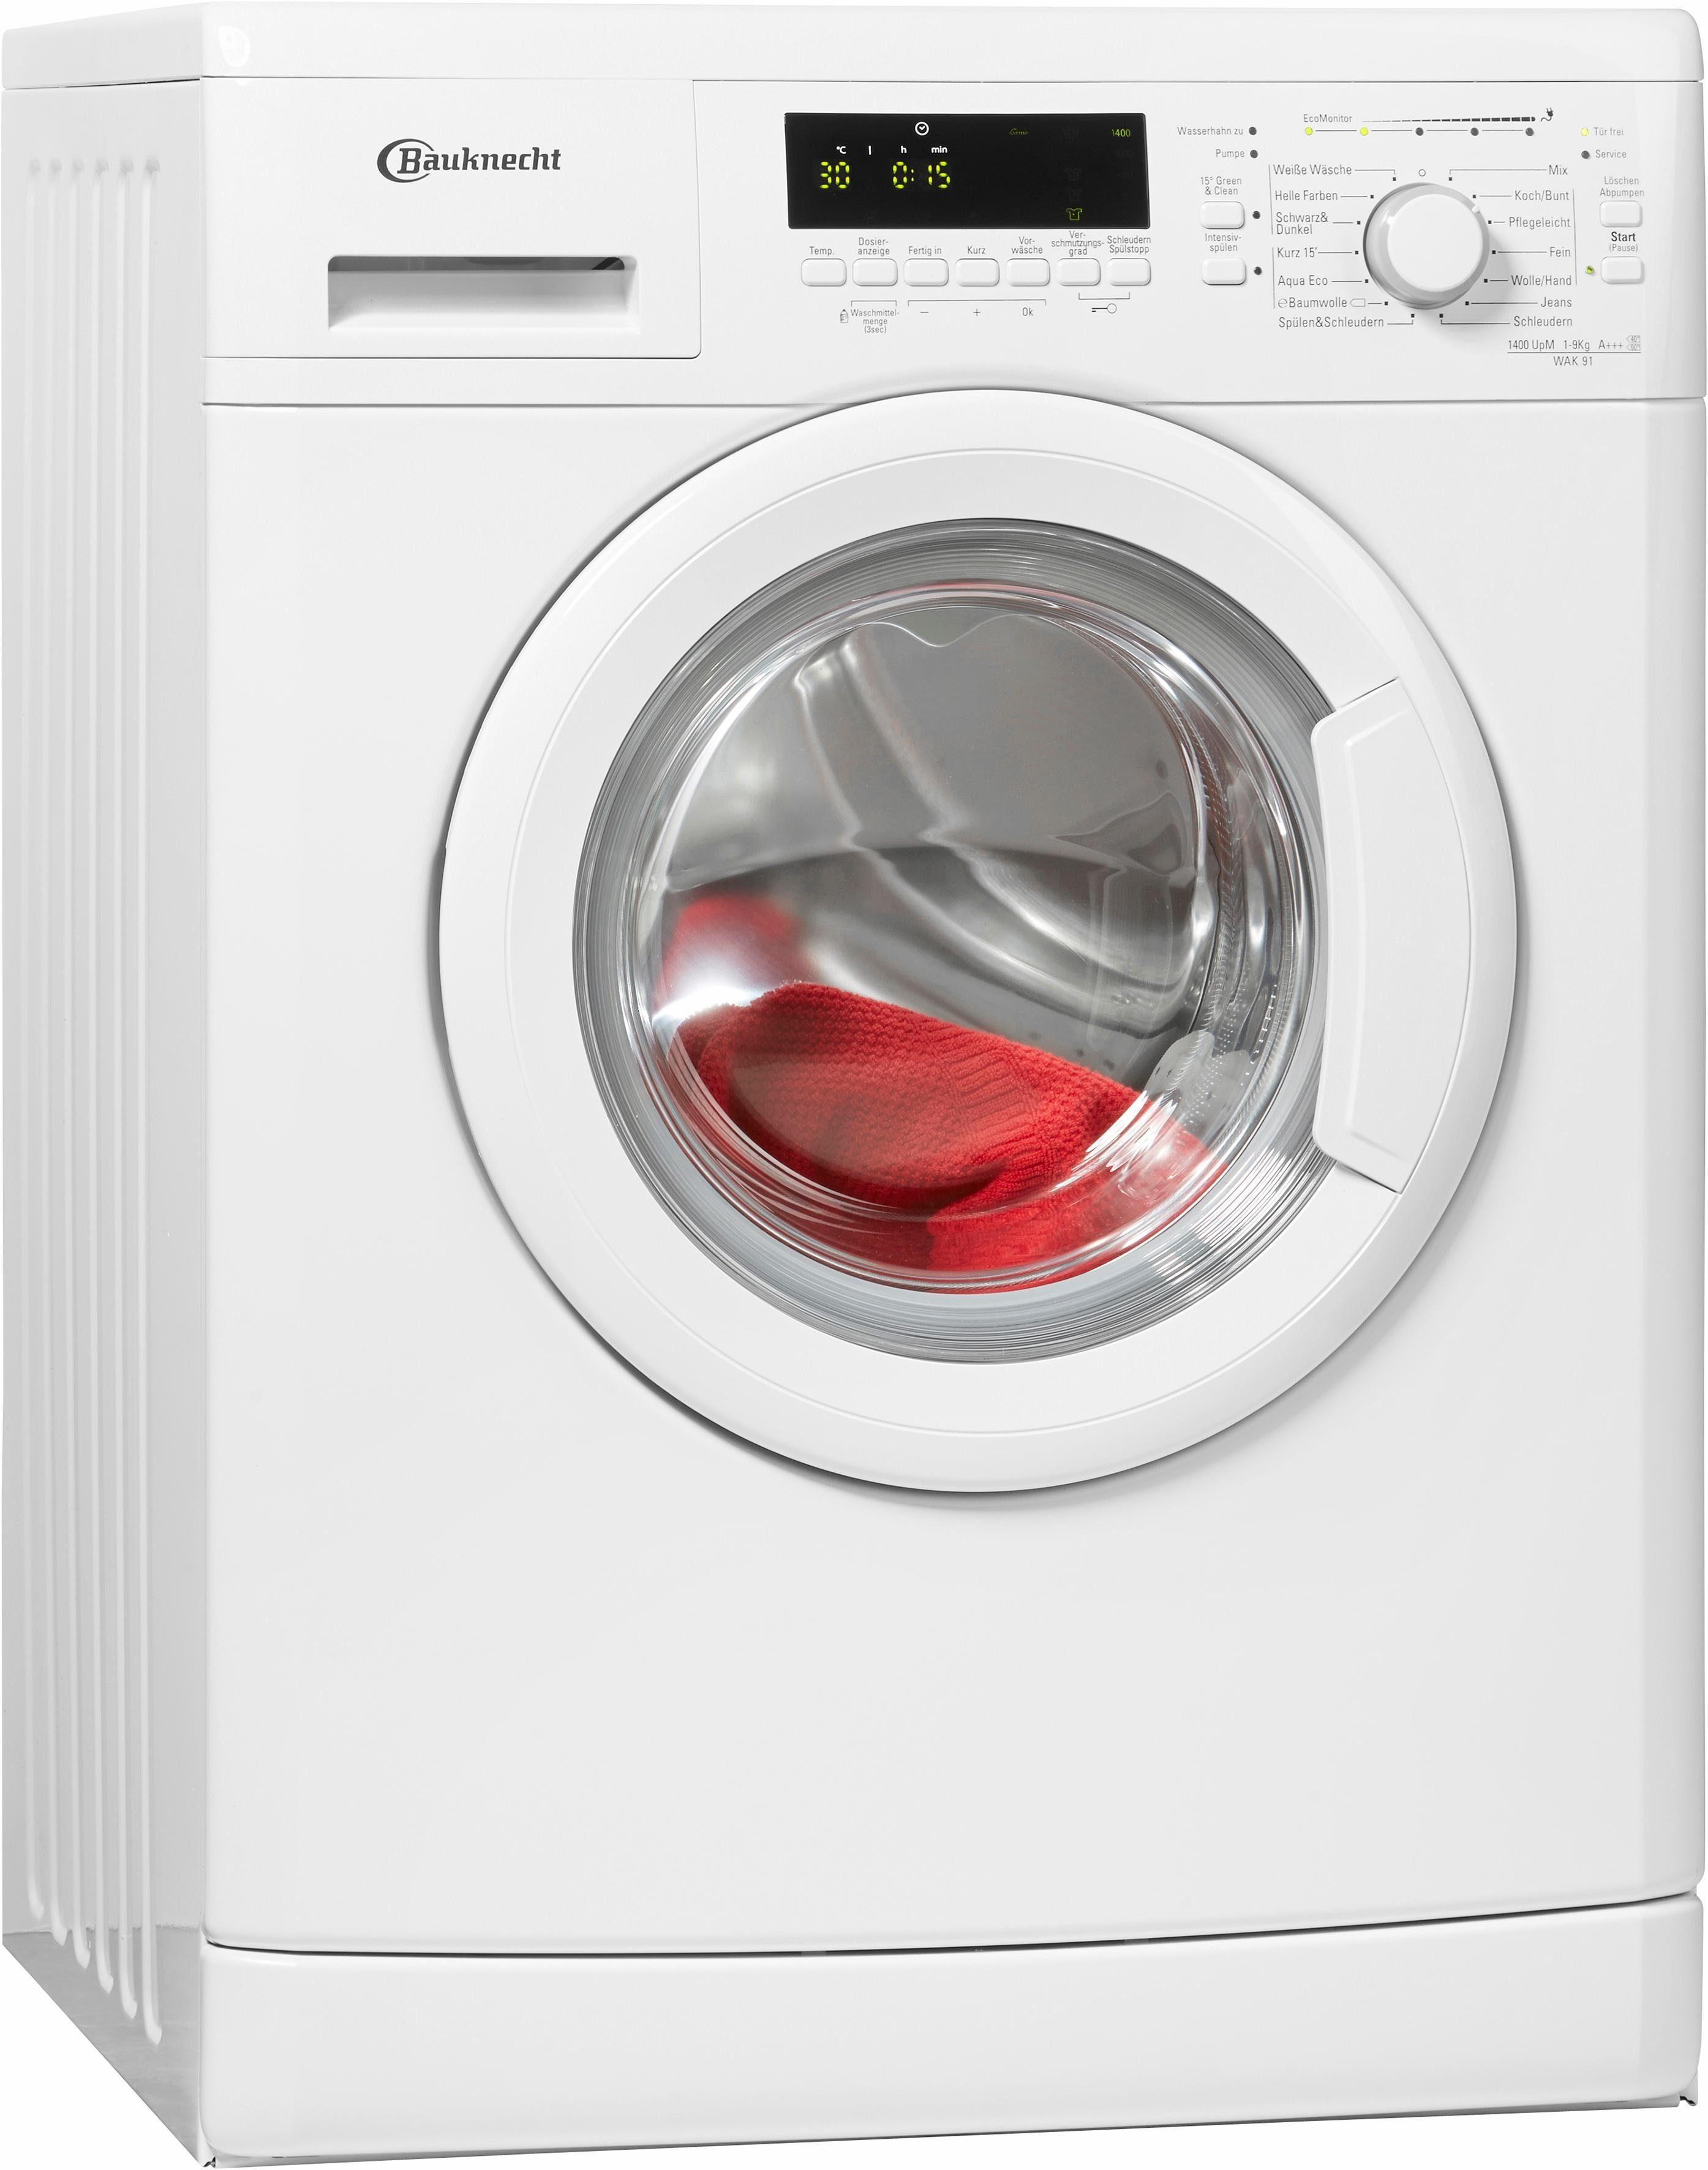 BAUKNECHT Waschmaschine WAK 91, A+++, 9 kg, 1400 U/Min